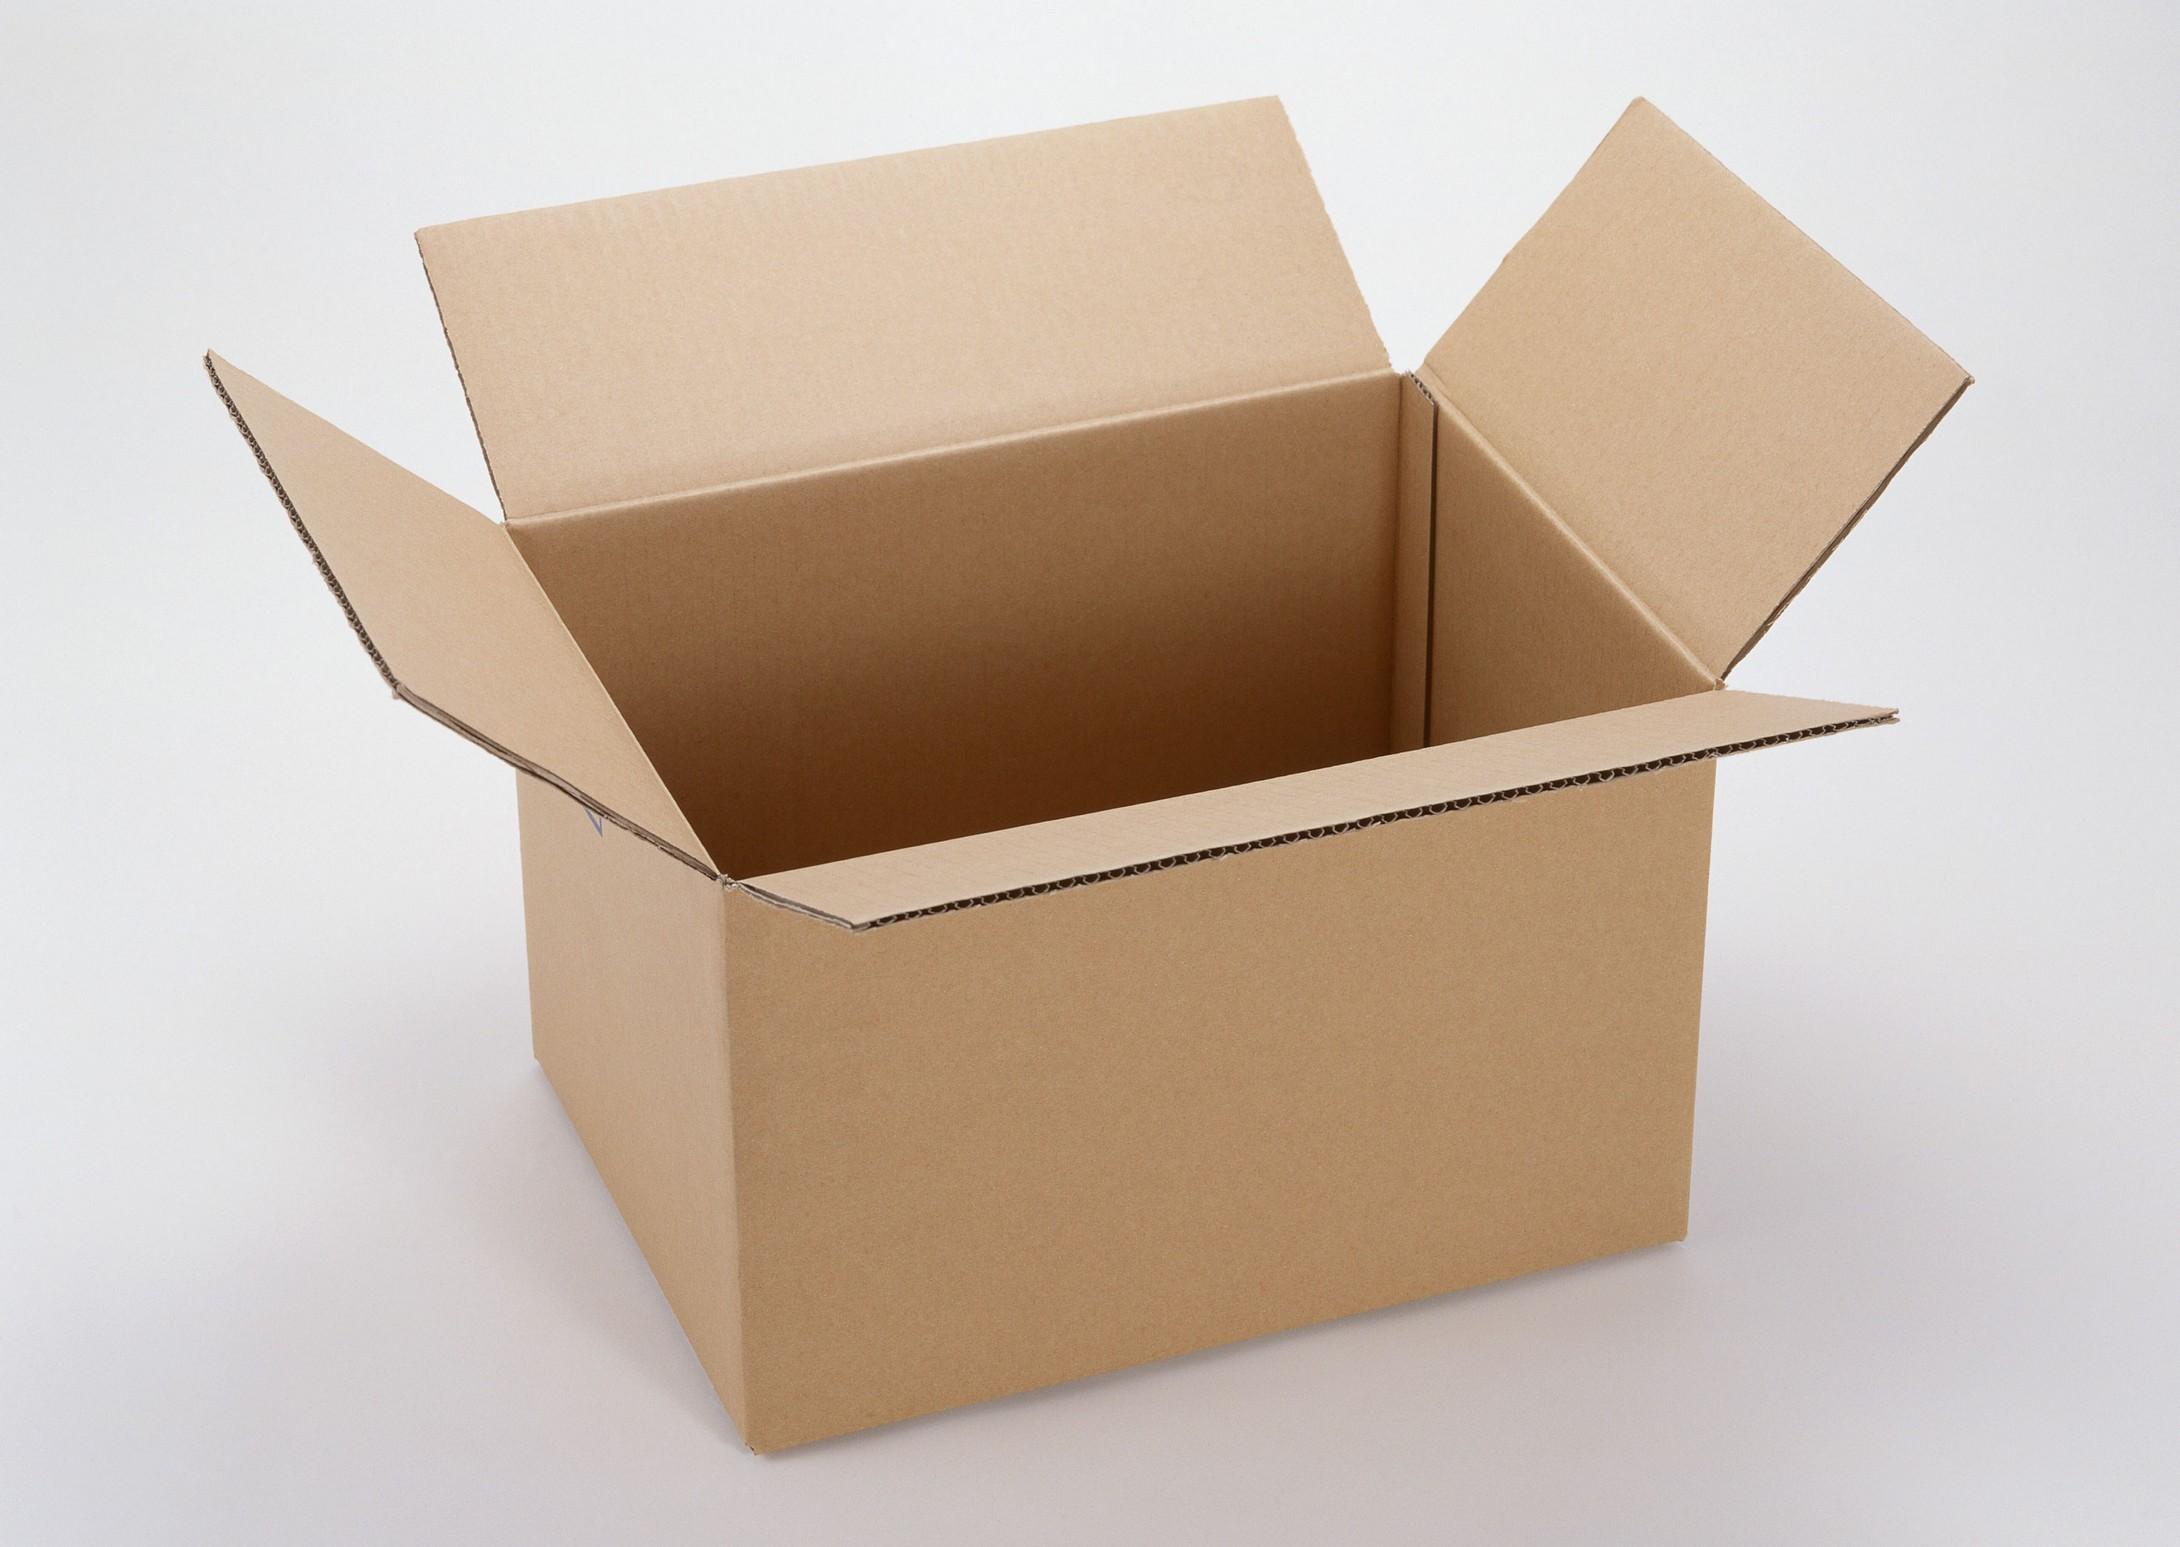 哈尔滨哪里可以定制纸箱_如何评断裱贴效果的好坏呢?